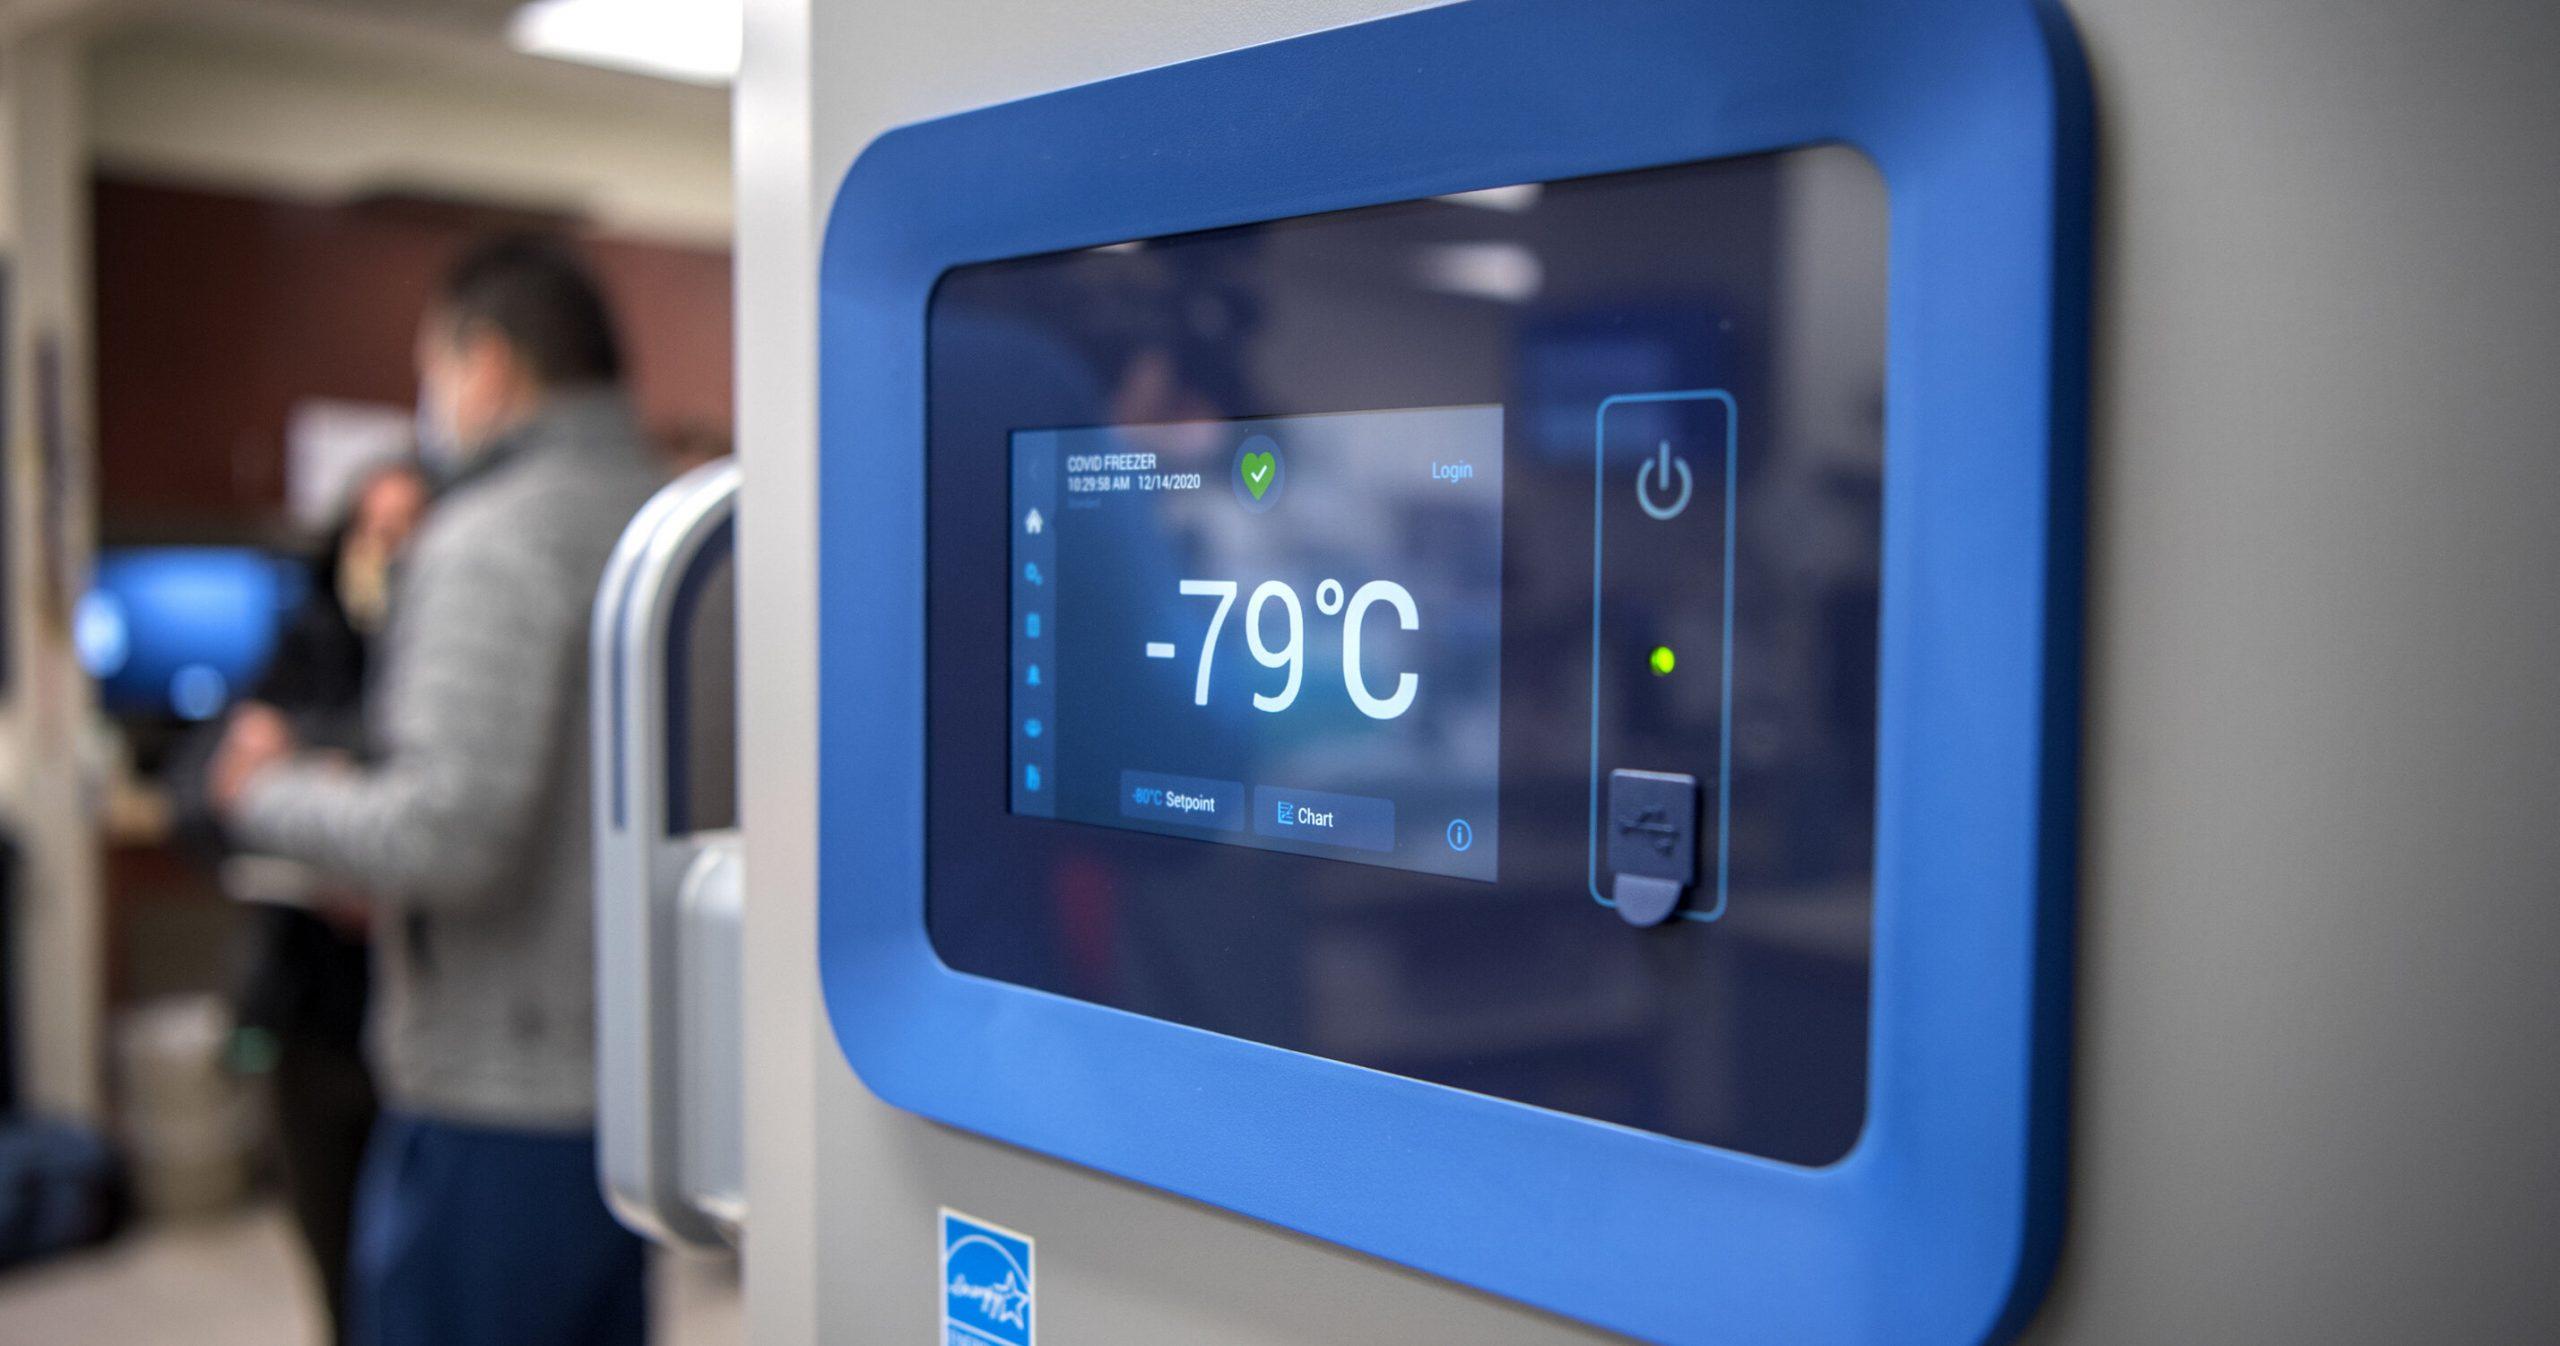 Pfizer s-a săturat de frig. Compania anunță că vaccinul anti-Covid poate fi păstrat și la -15°C, nu neapărat la -80°C